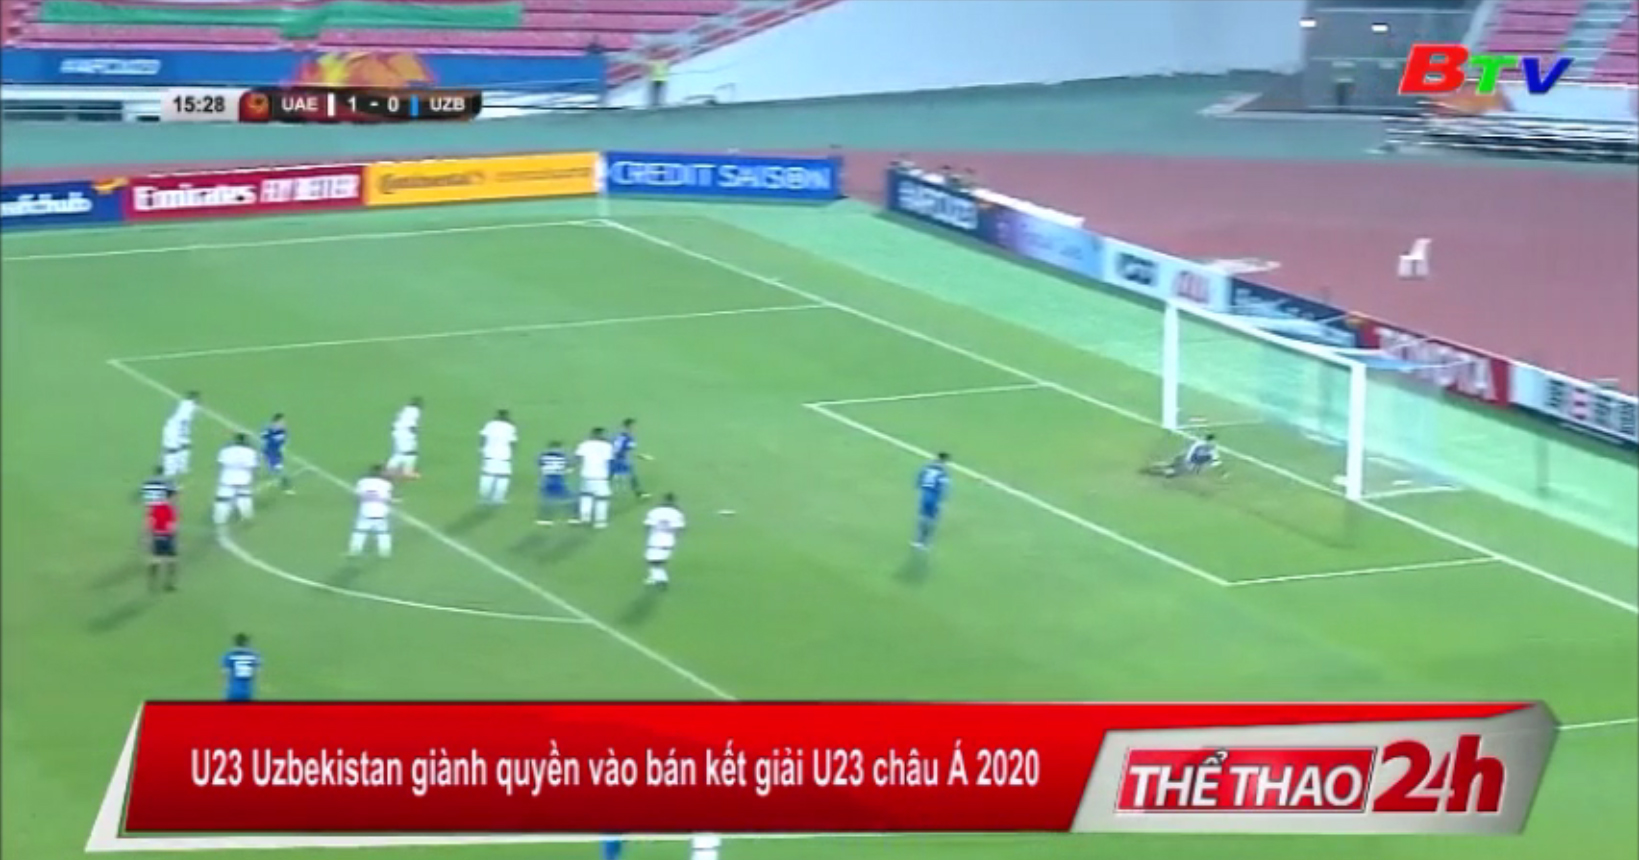 U23 Uzbekistan giành quyền vào bán kết giải U23 châu Á 2020